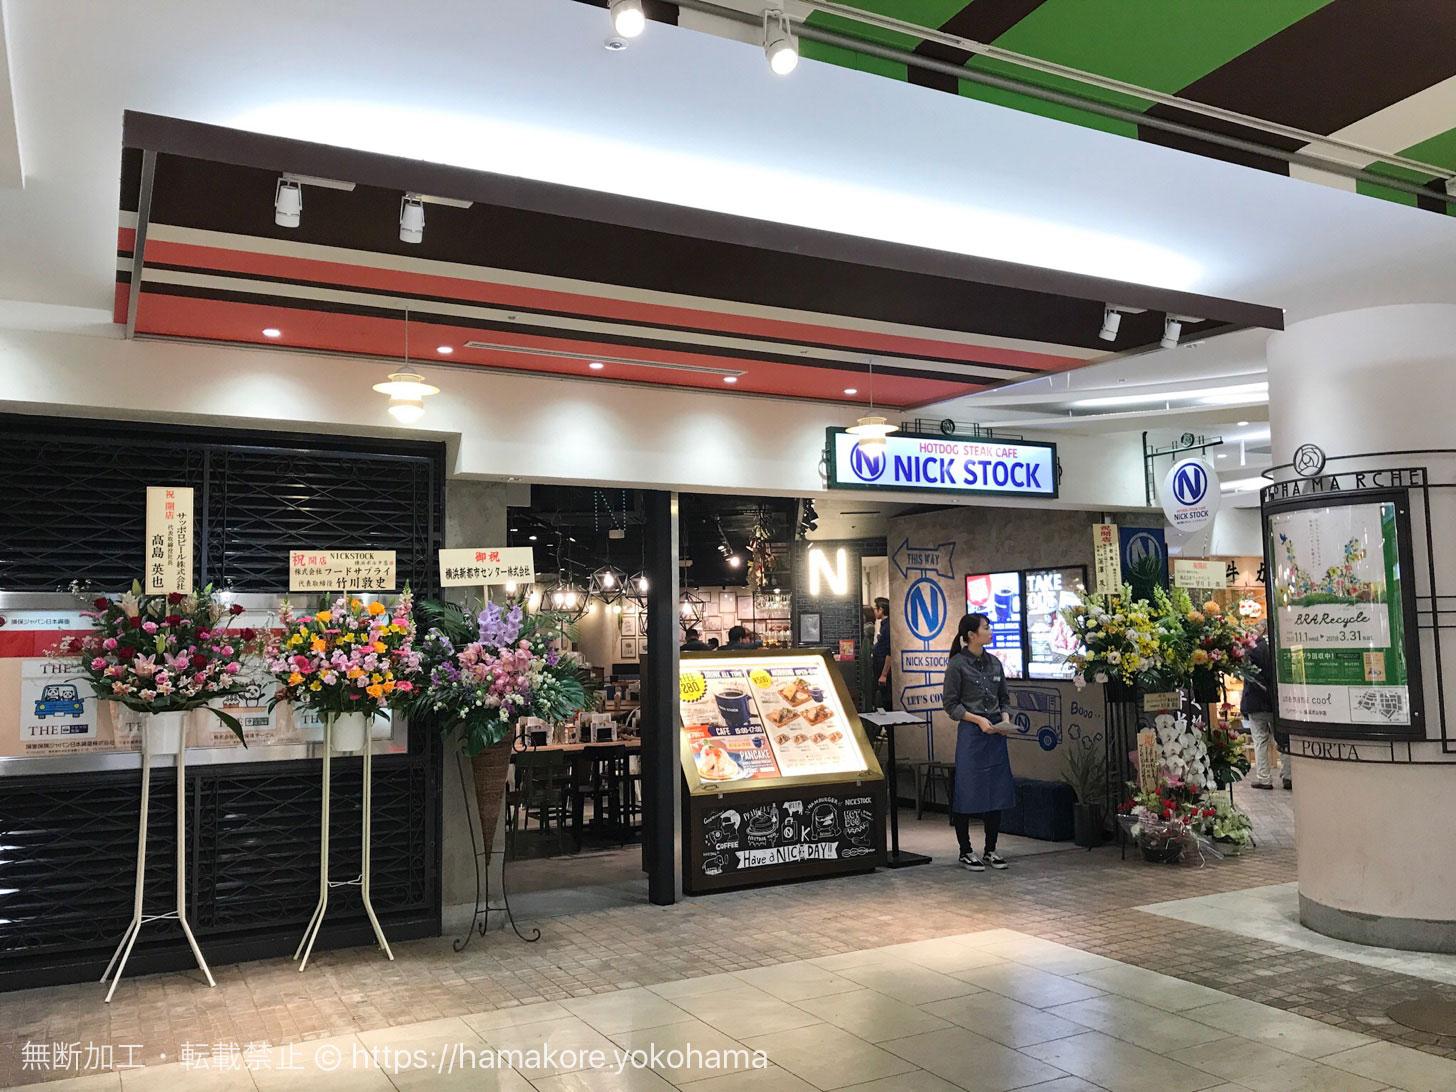 ニックストック 横浜ポルタ店 外観